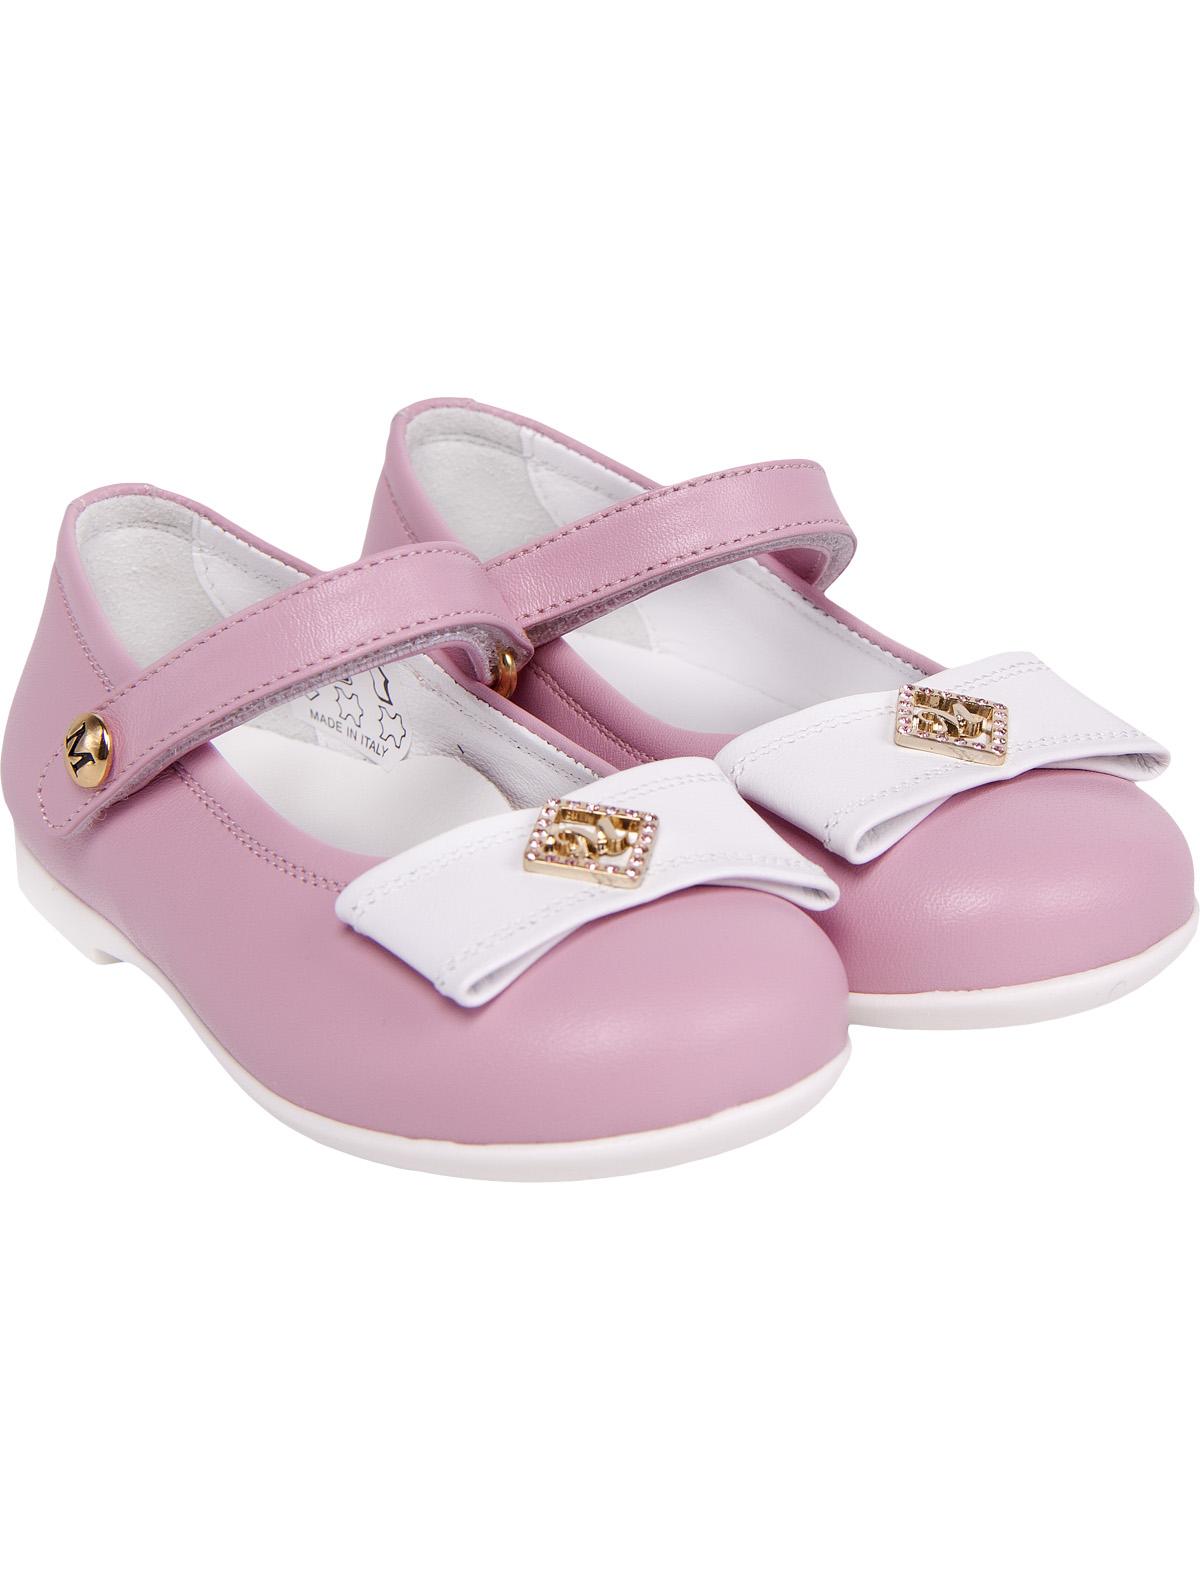 Купить 1914086, Туфли Missouri, розовый, Женский, 2012609770060